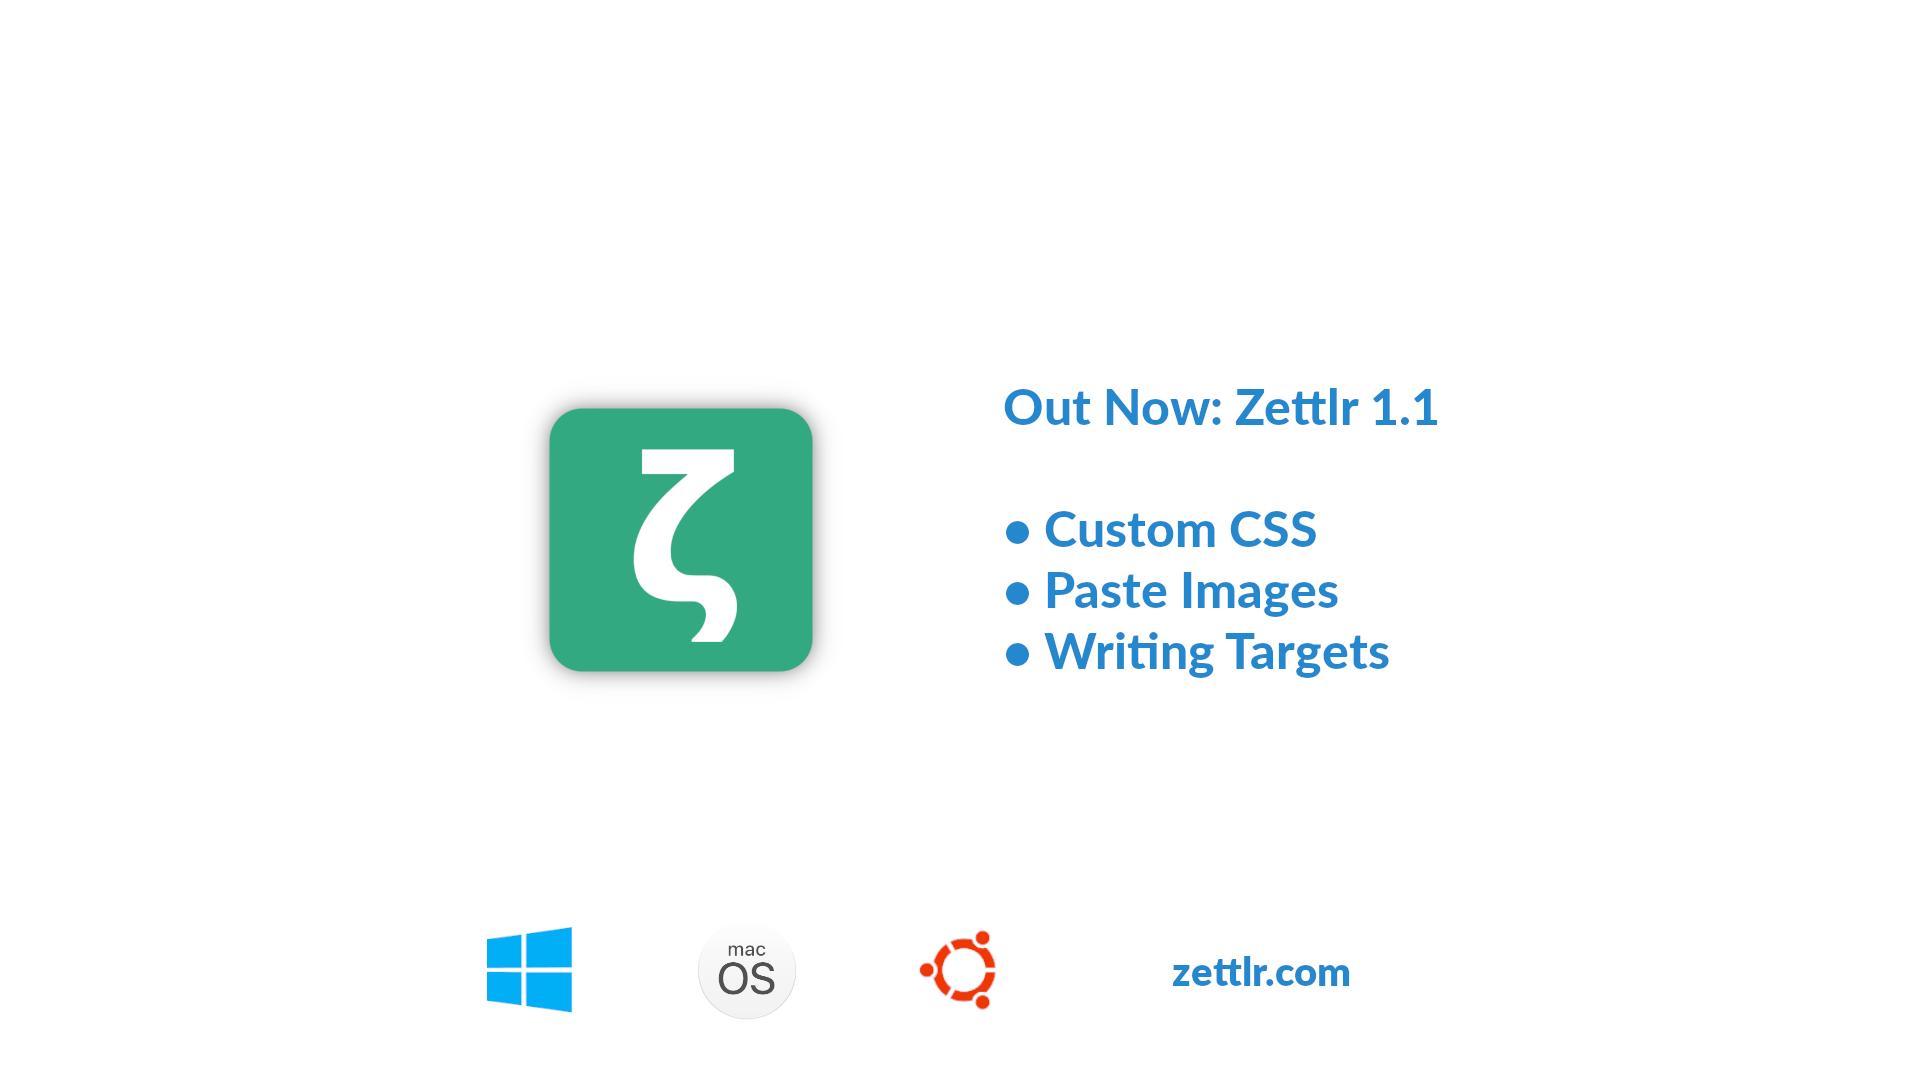 Zettlr 1.1.0 Released